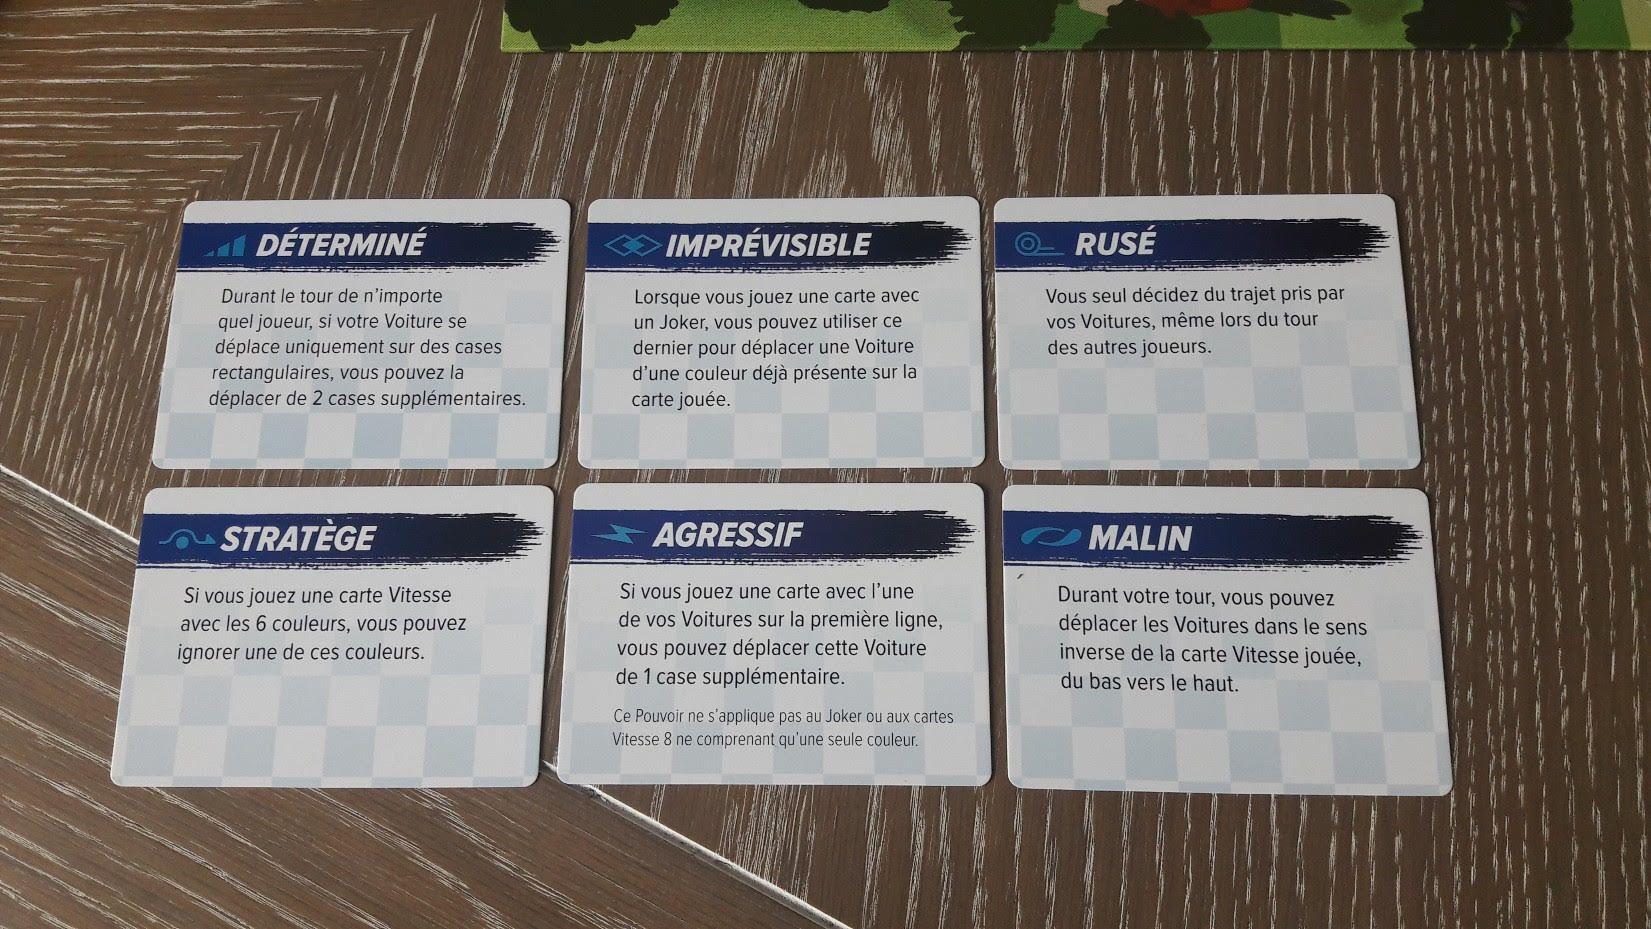 6 pouvoirs pour six voitures.